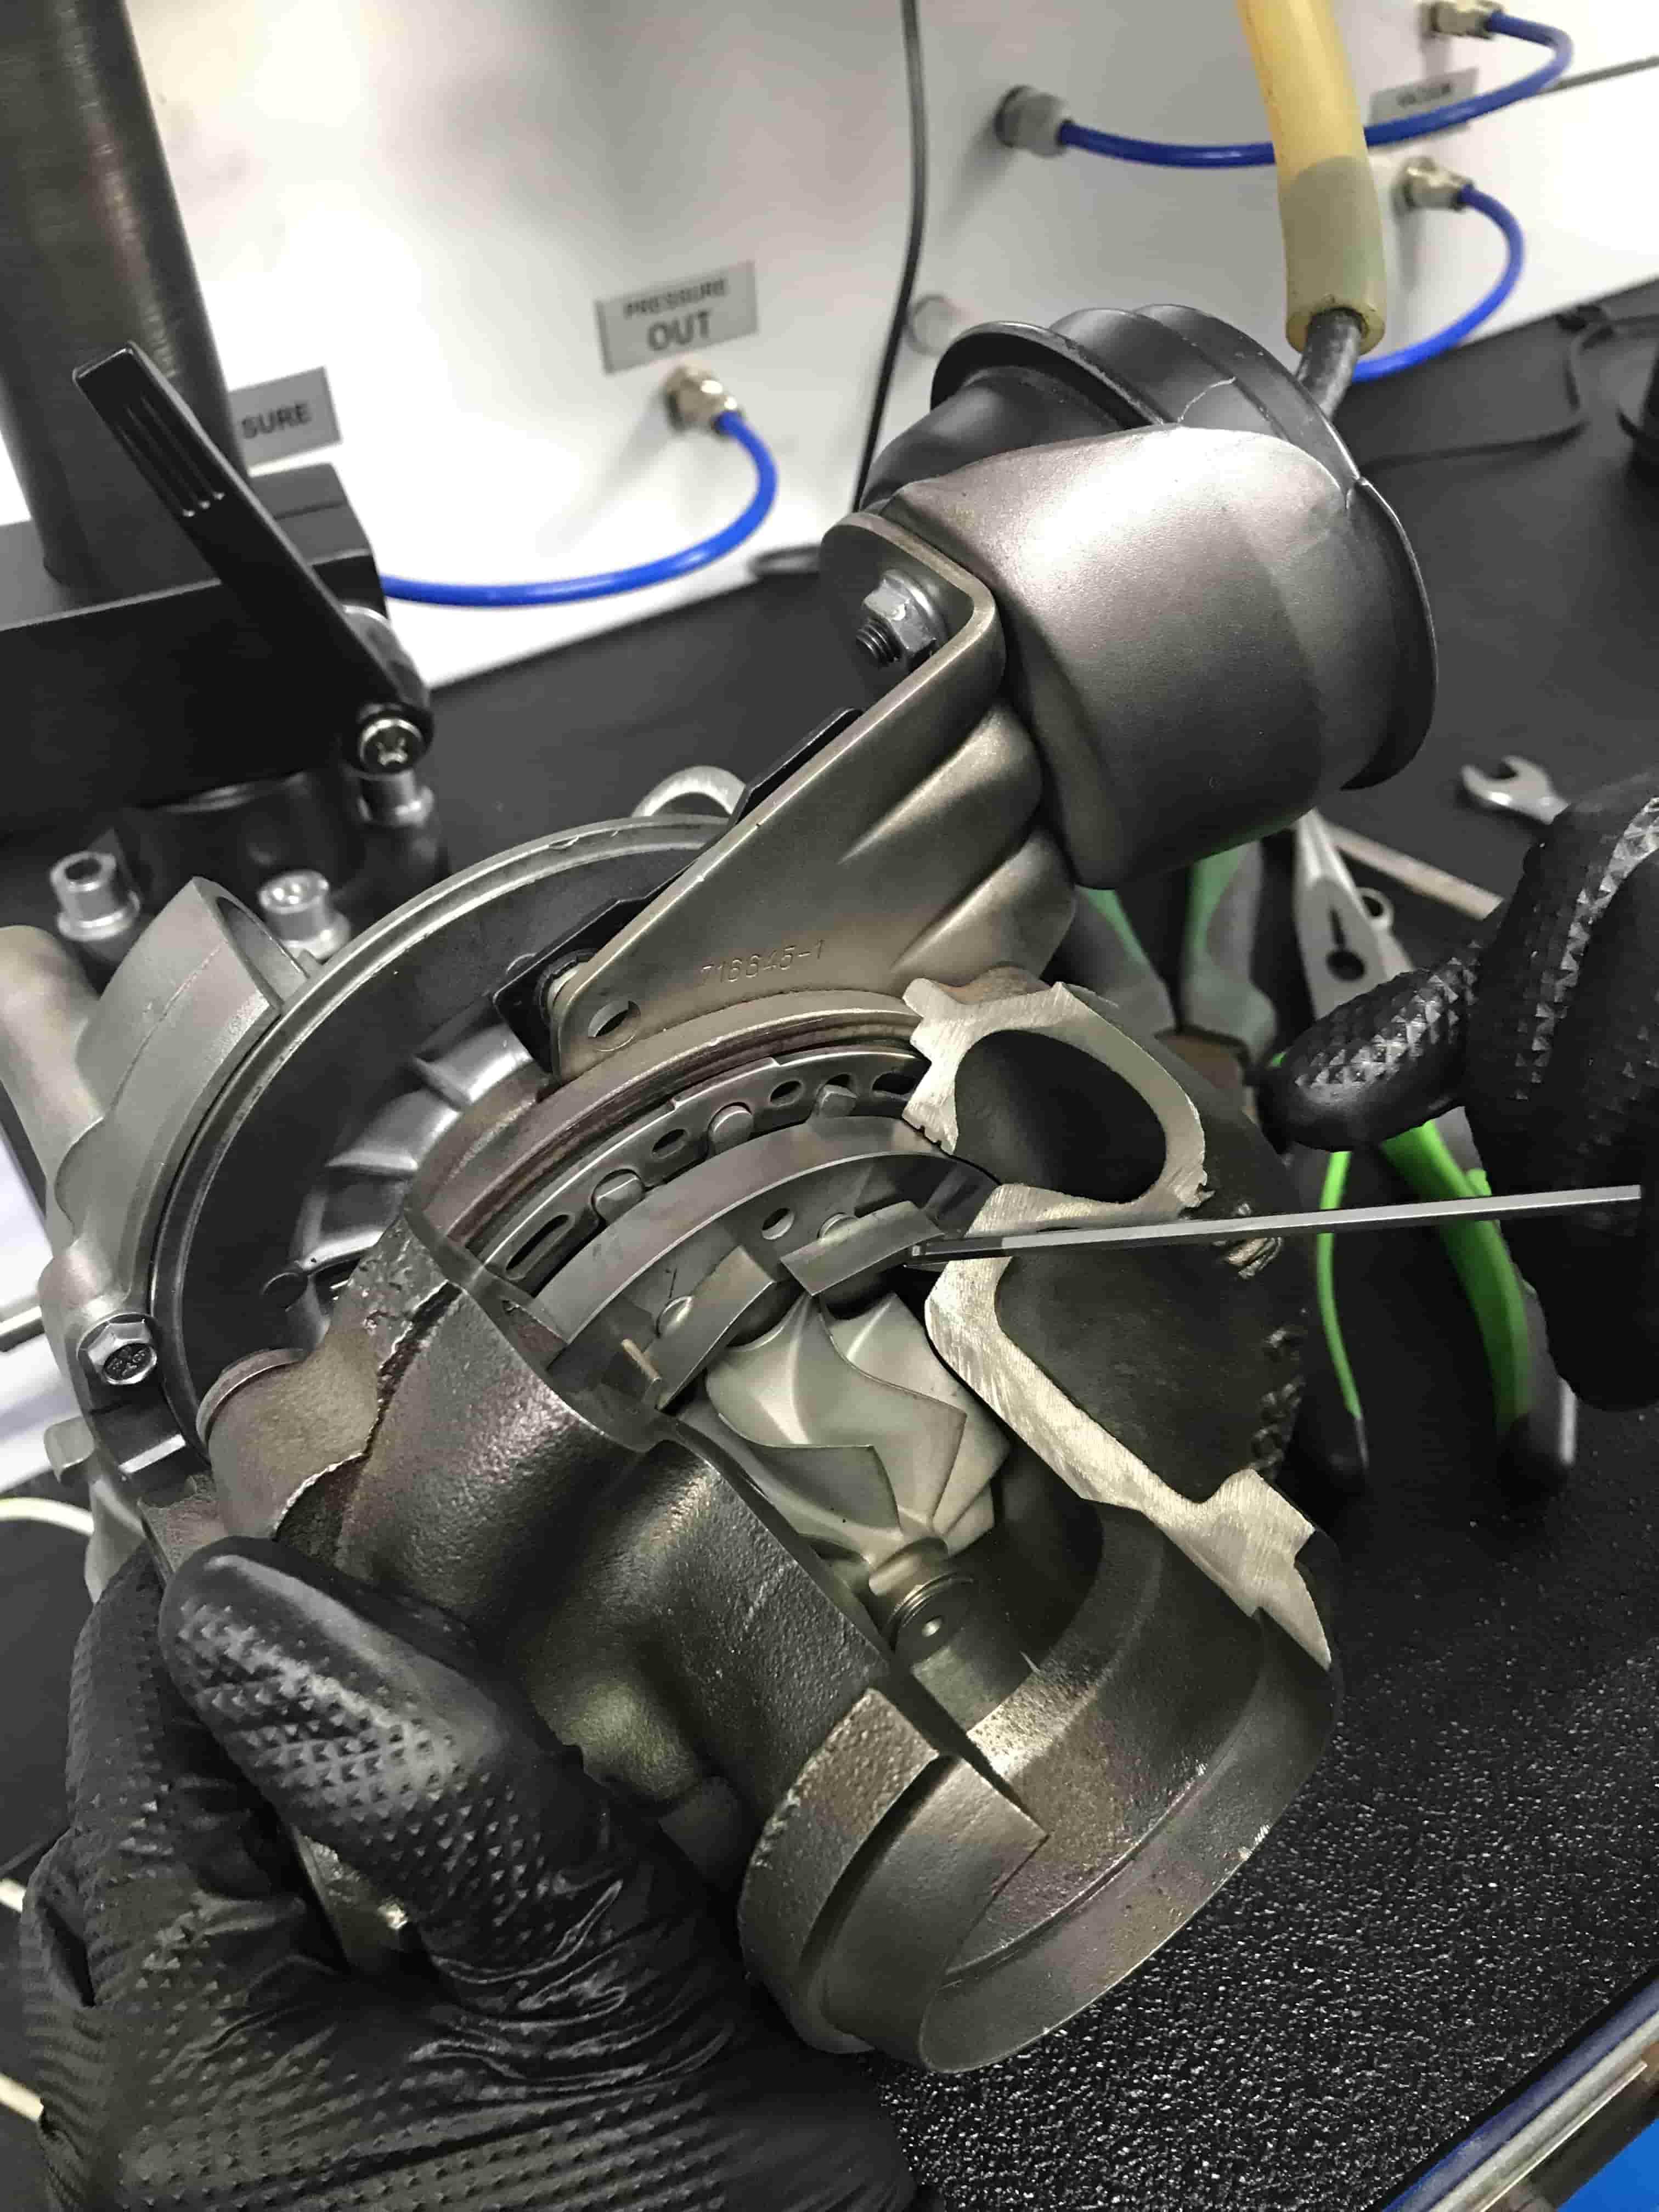 nastryka-turbo-1